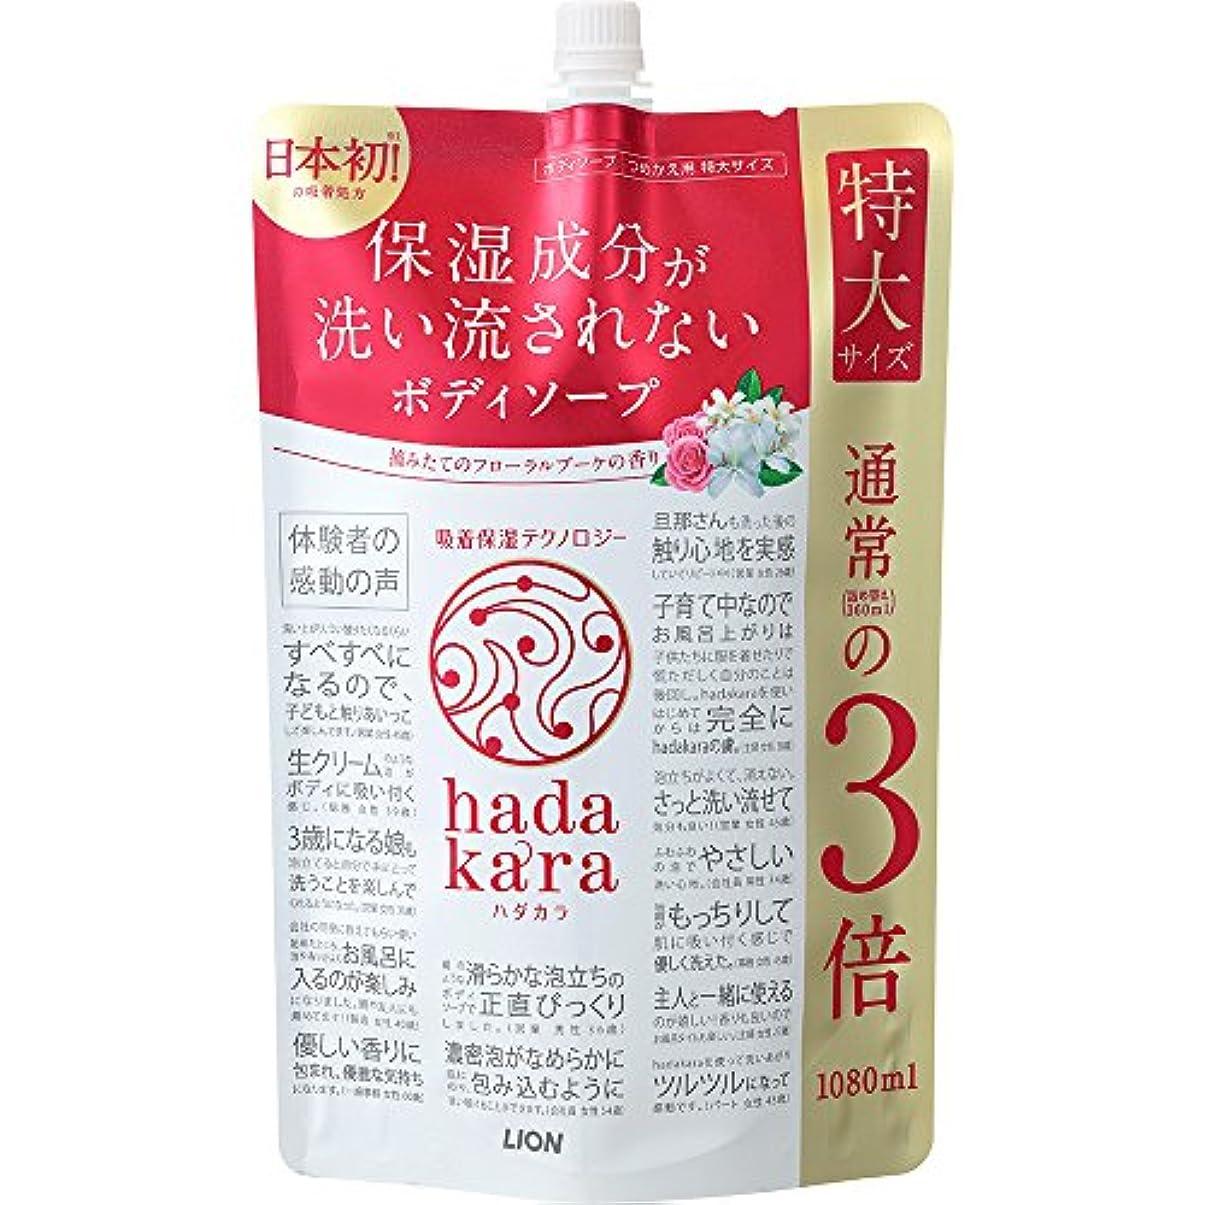 すぐに伝統的マラドロイト【大容量】hadakara(ハダカラ) ボディソープ フローラルブーケの香り 詰め替え 特大 1080ml